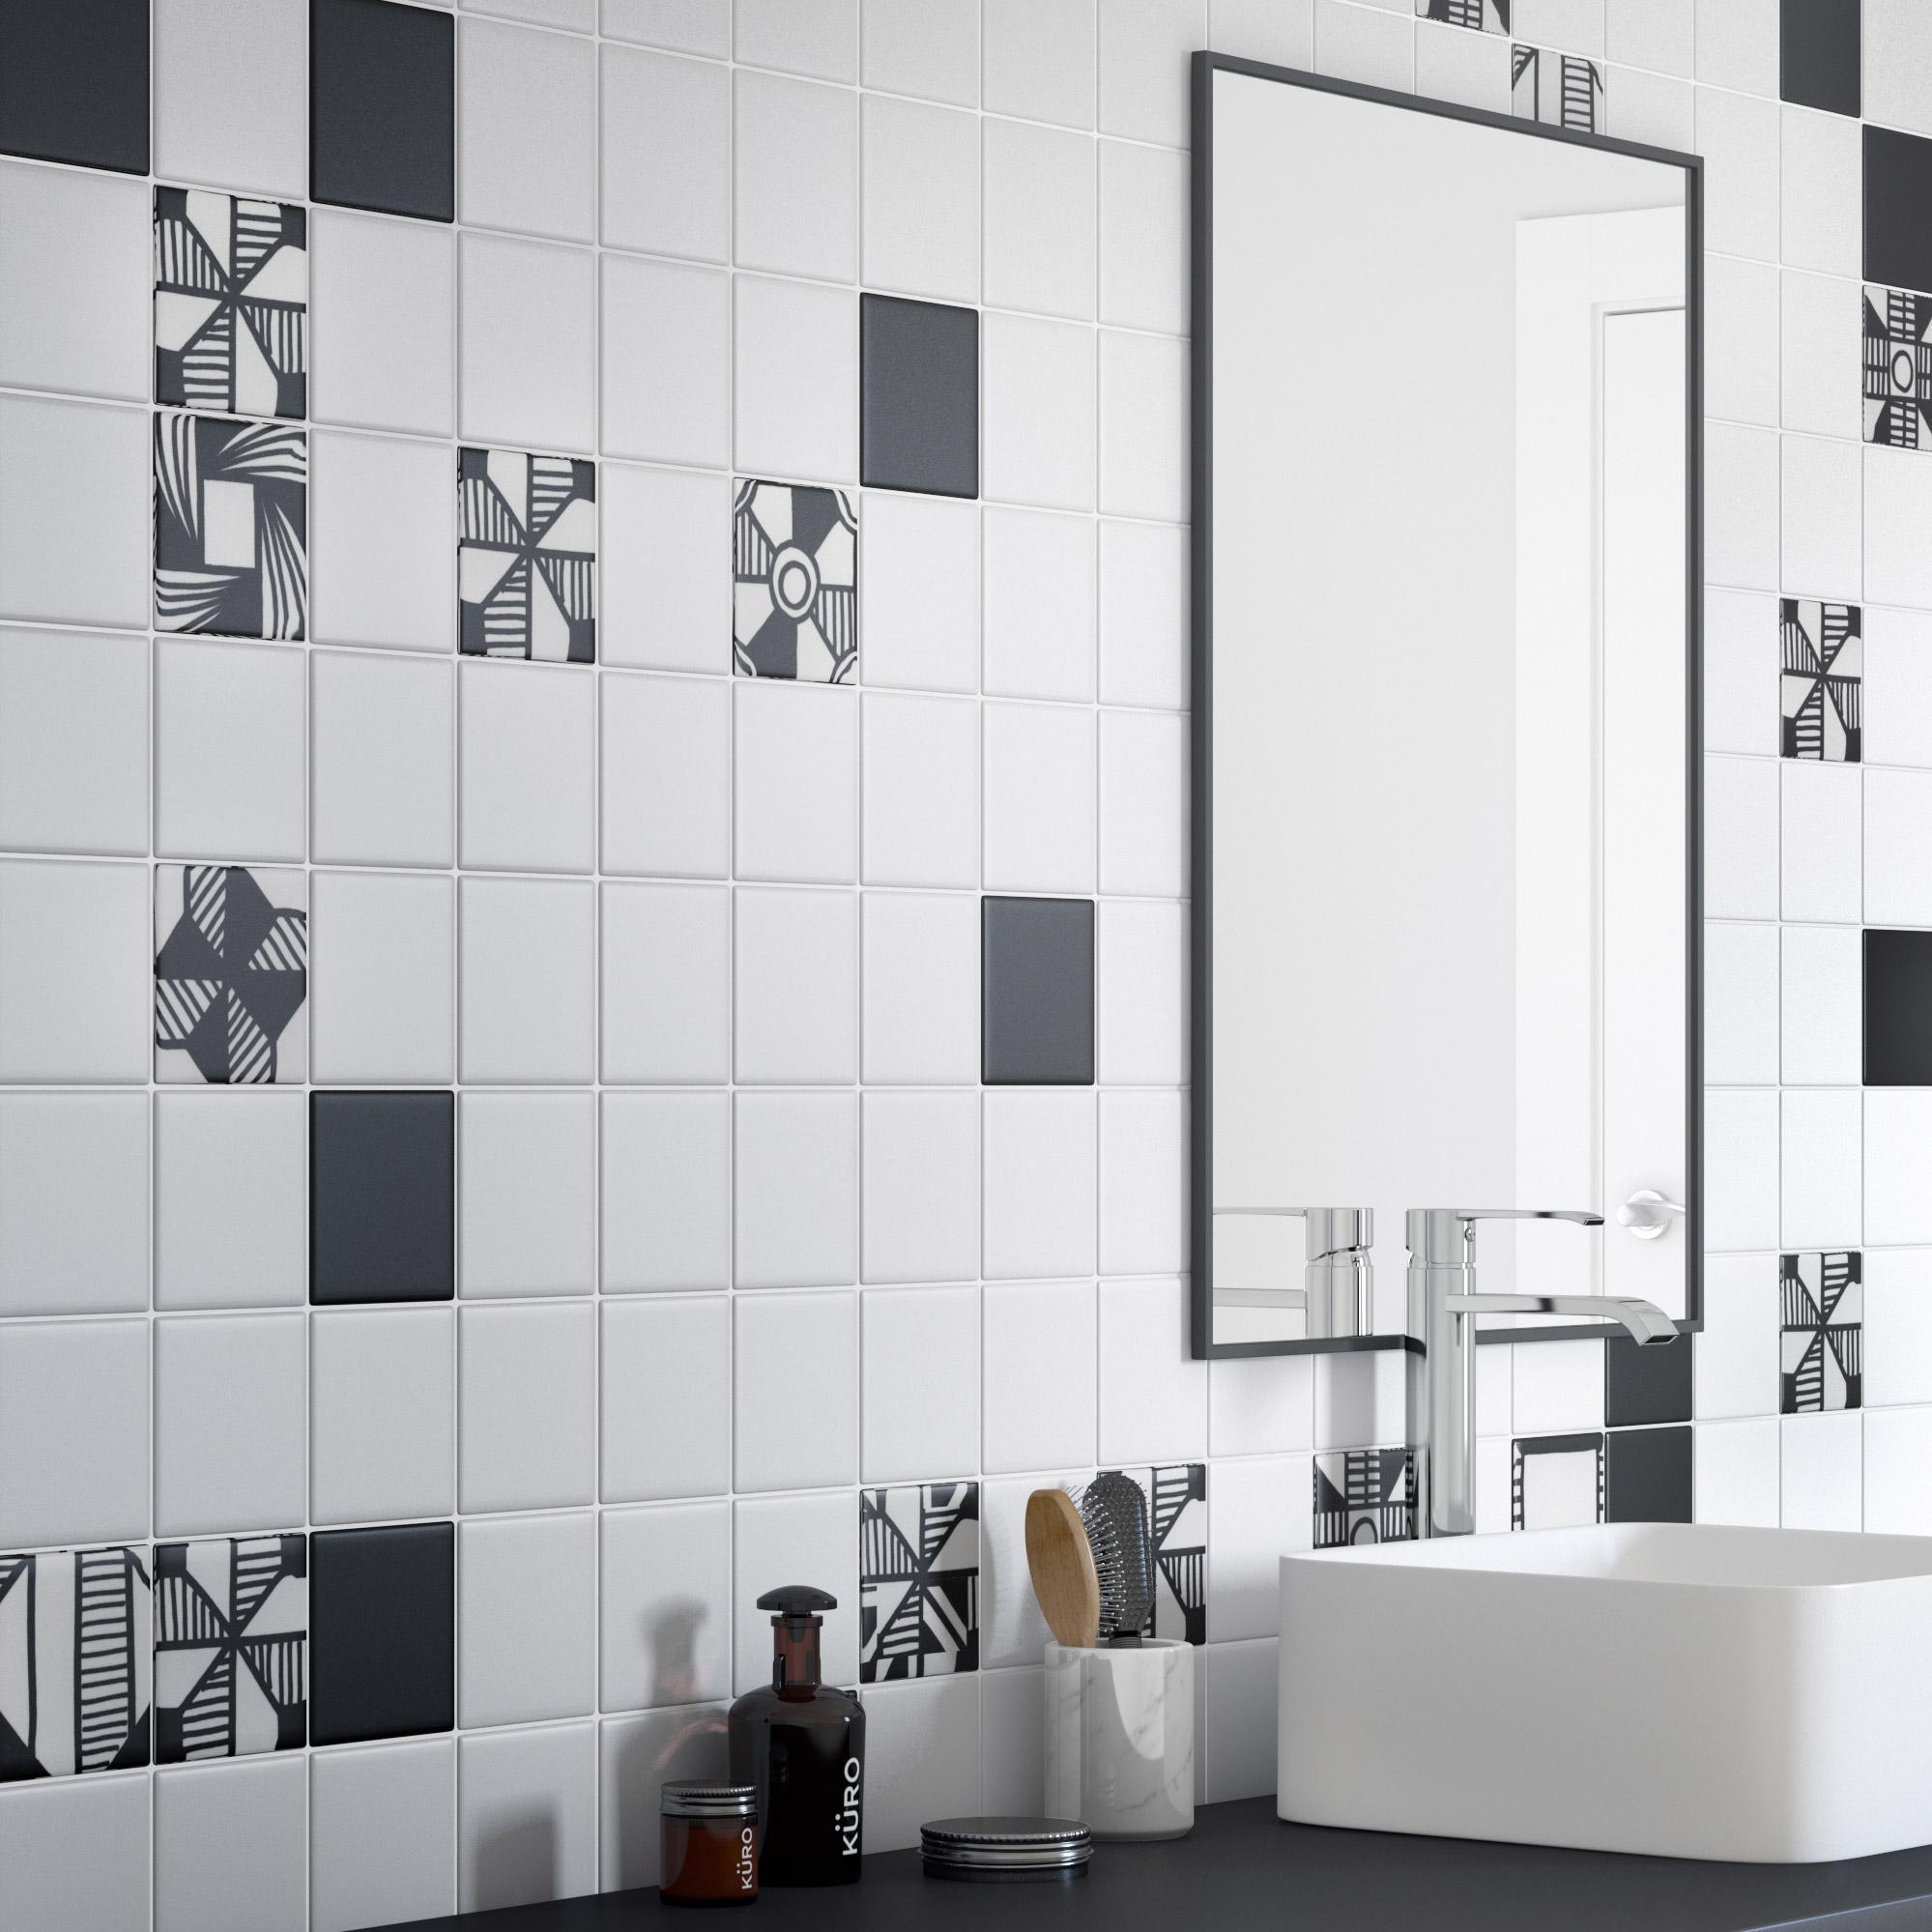 Mosa/ïque r/éseau de mosa/ïque Carr/ée pour carrelage Uni Blanc mat C/éramique pour carrelage sol douche murale miroir carrelage